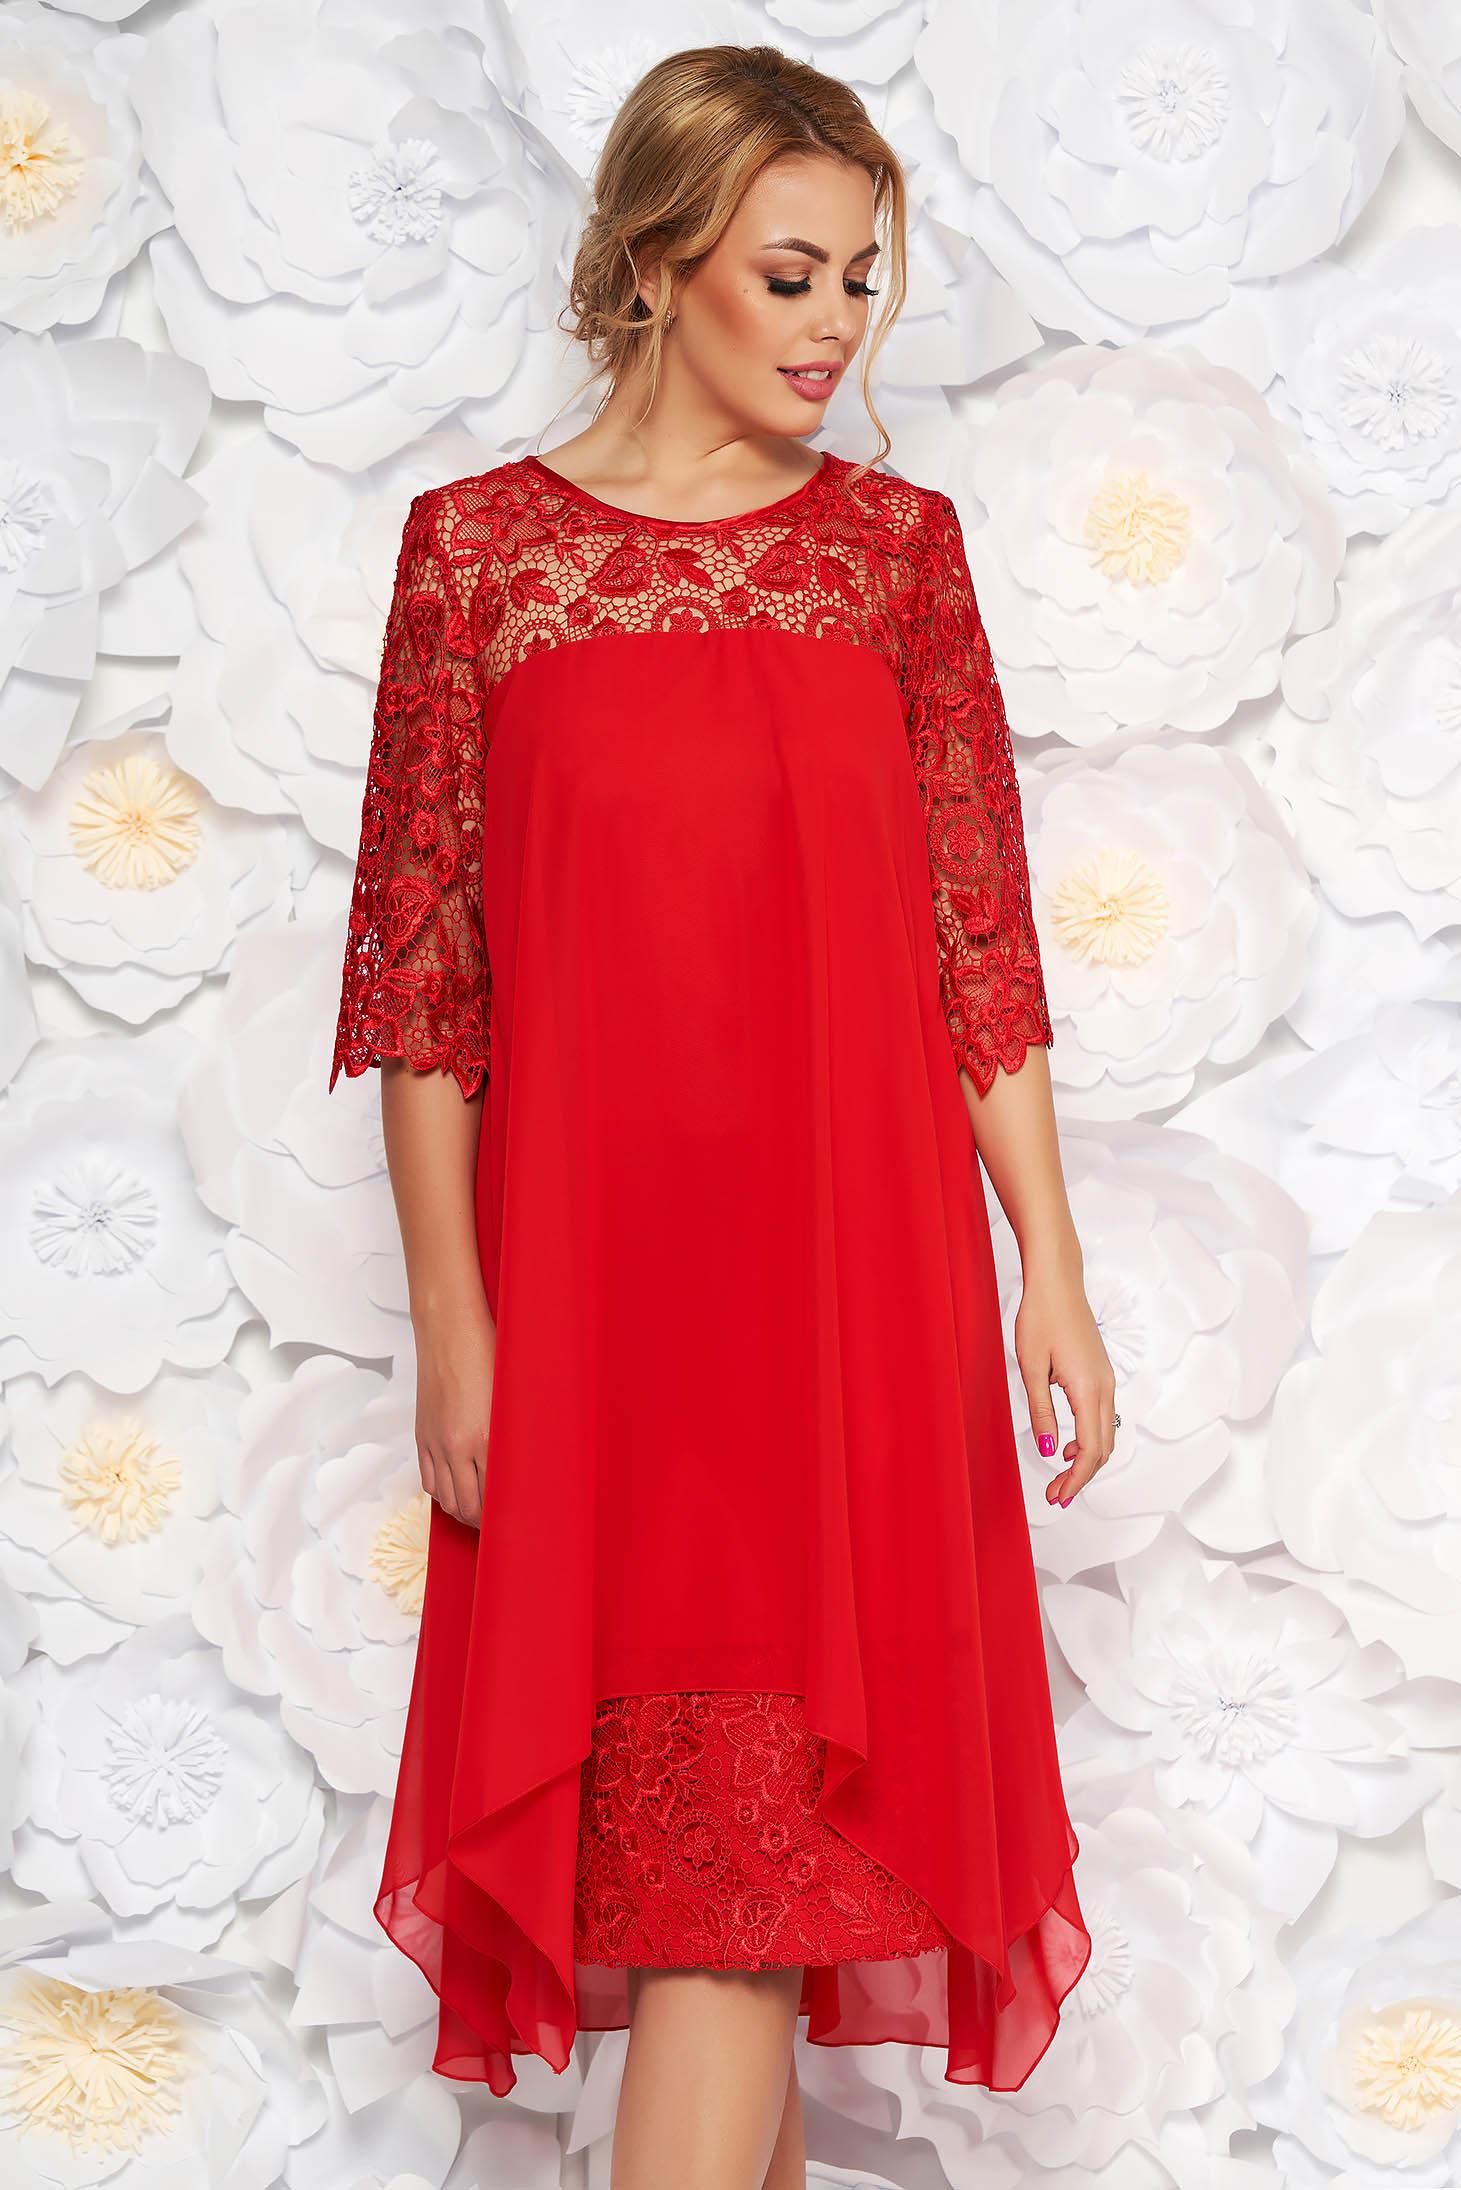 0575138d56 Piros alkalmi egyenes ruha csipke ujj enyhén elasztikus szövet fátyol